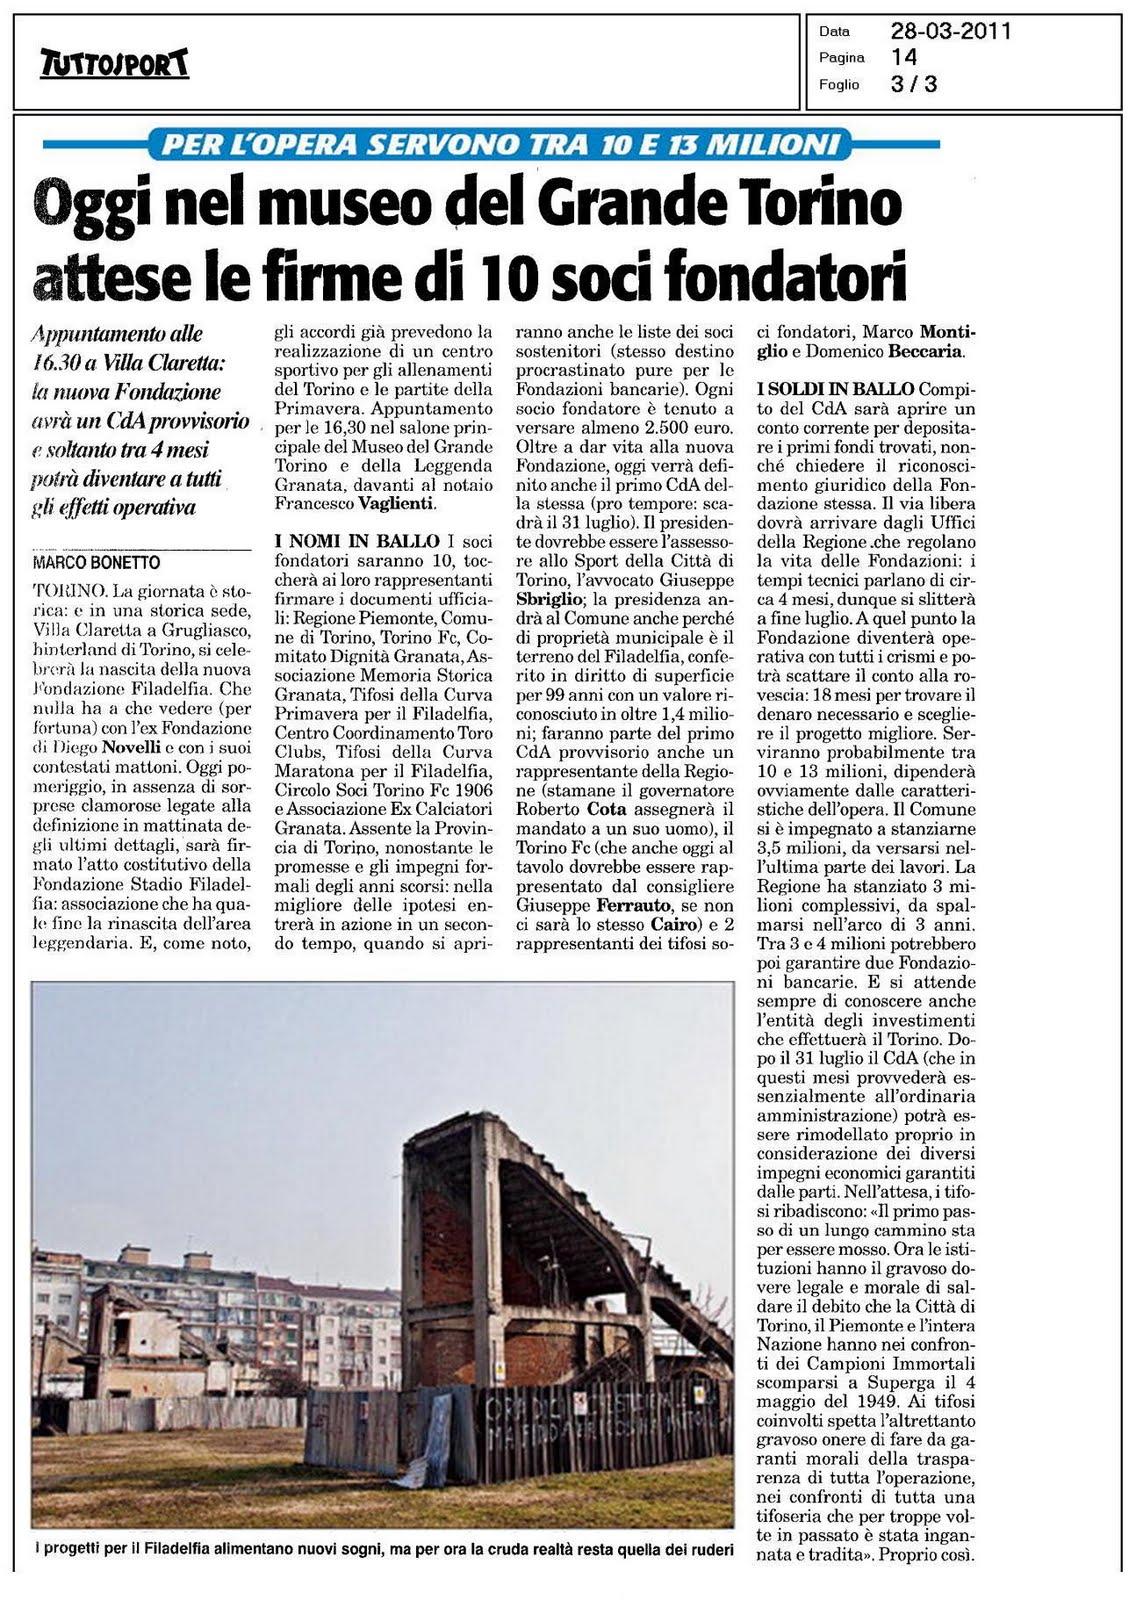 66a7e6ab53 28/03/11 - Oggi nel Museo del Grande Torino attese le firme di 10 soci  fondatori